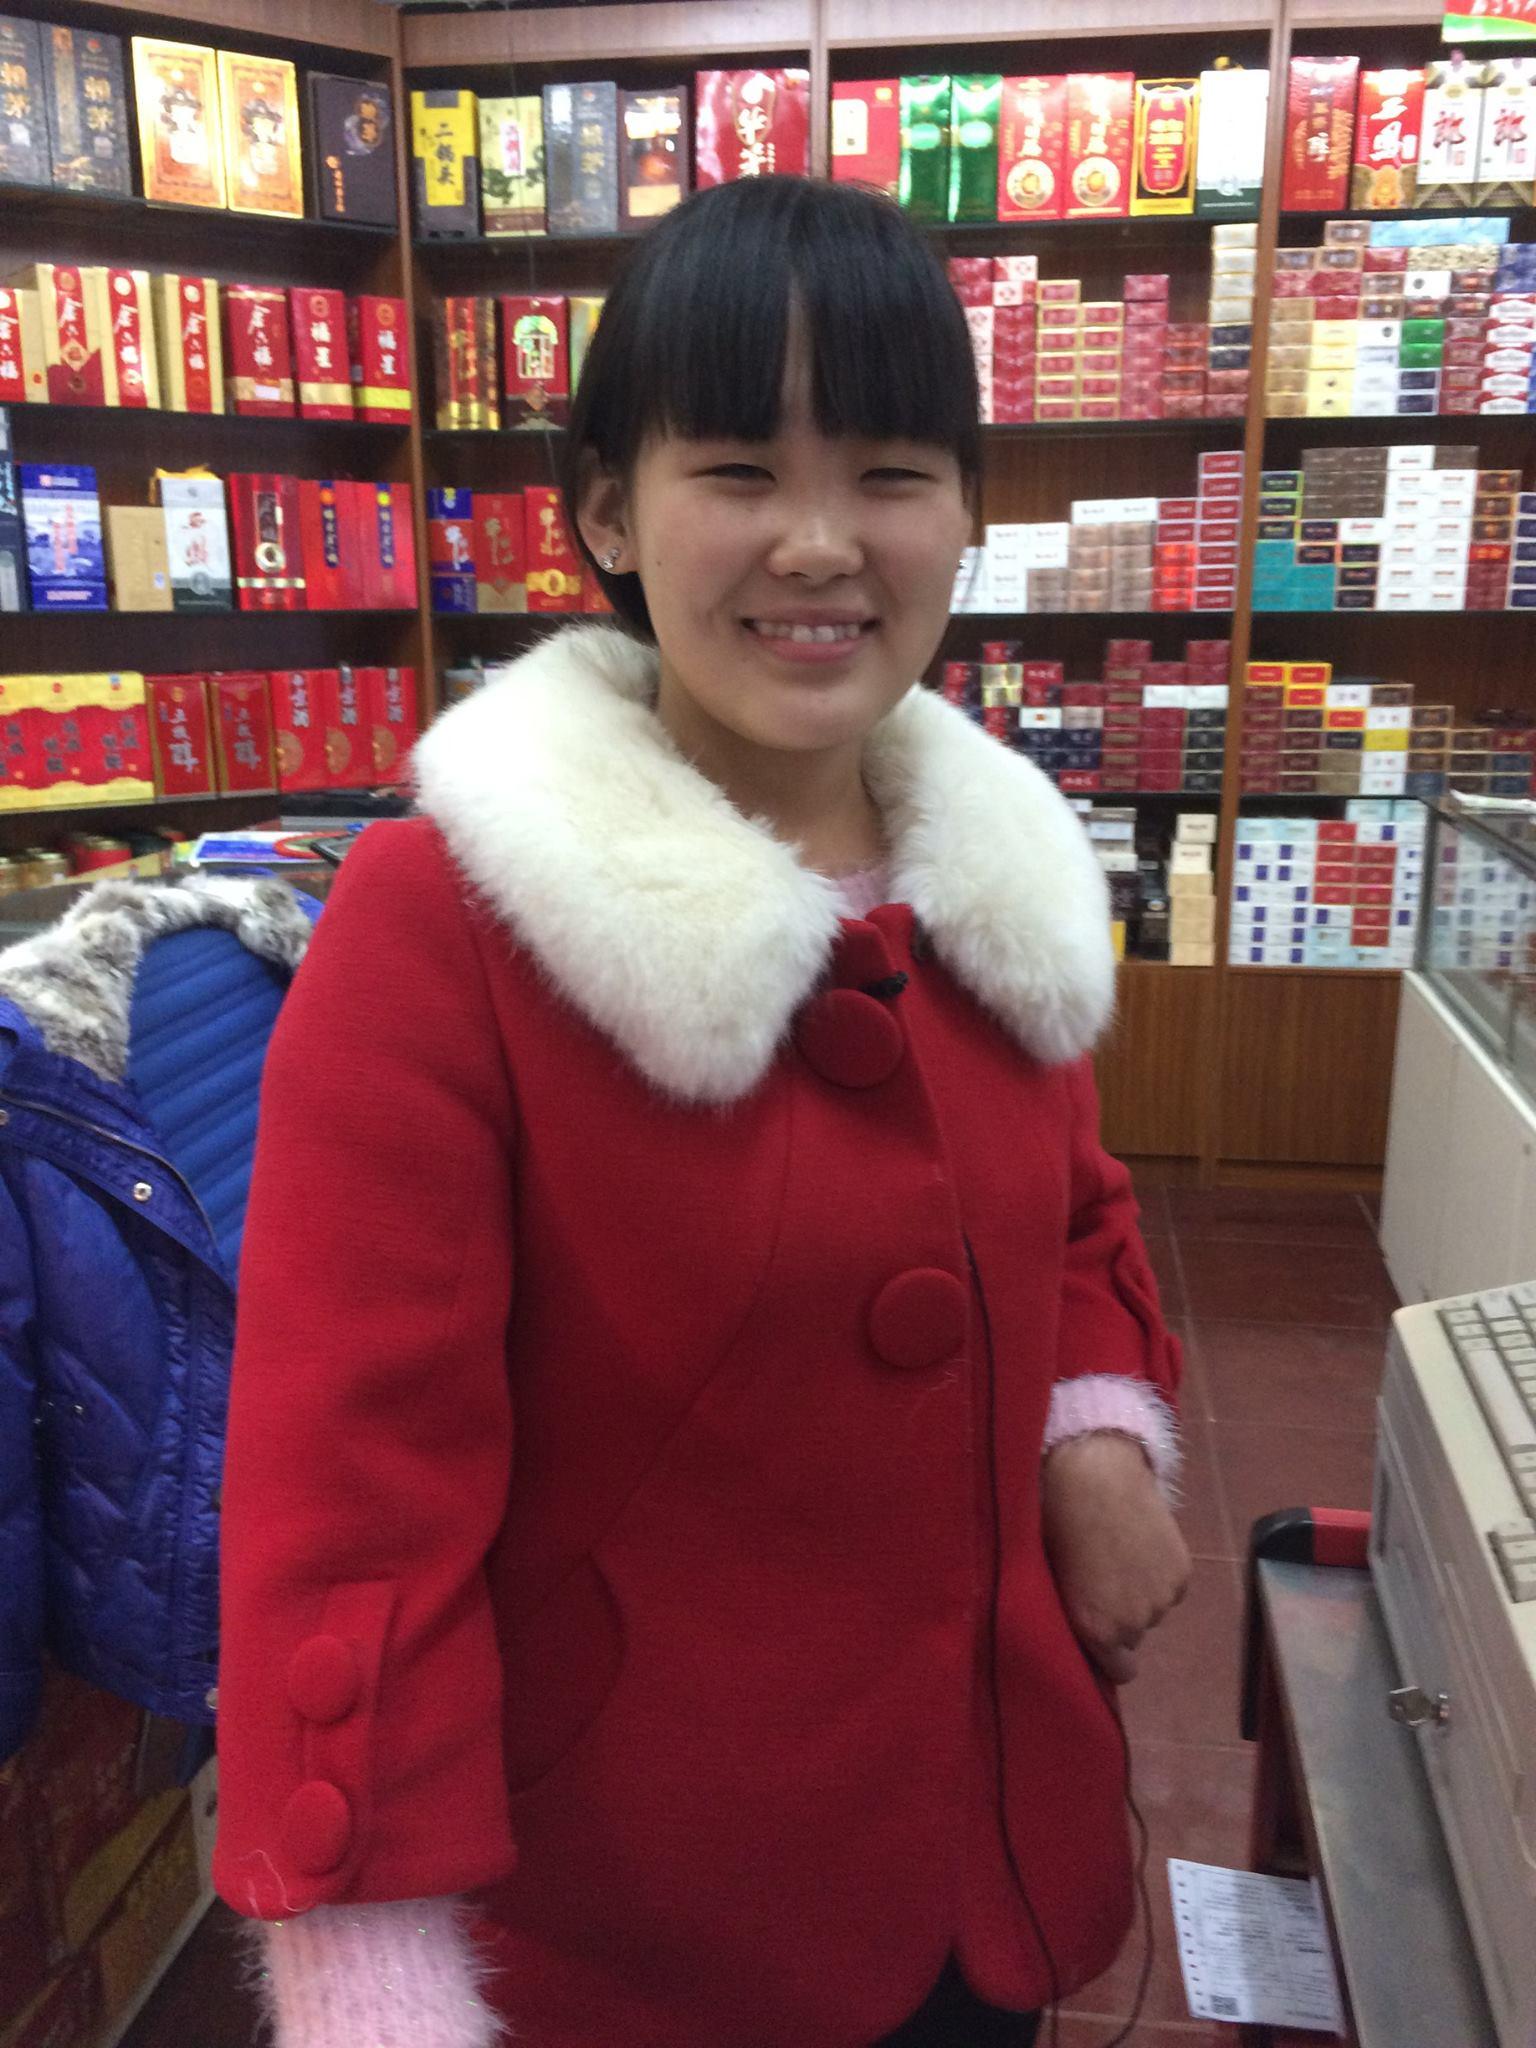 Liujie